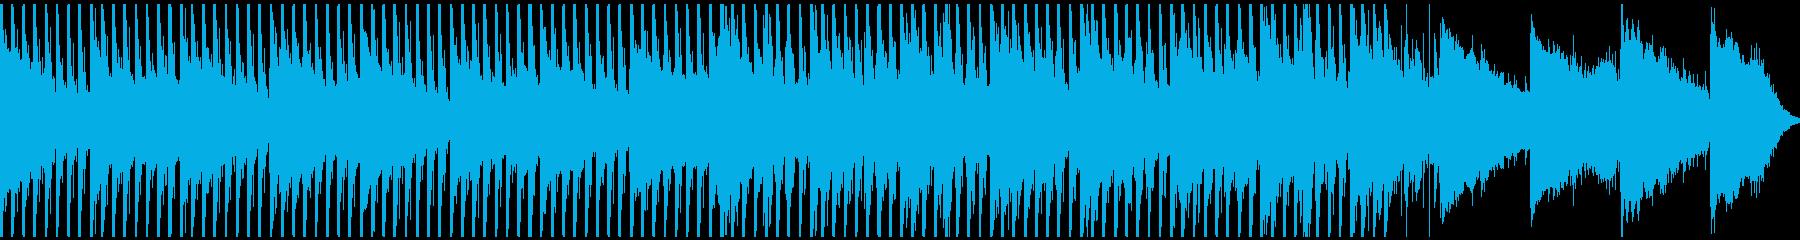 モダンな雰囲気漂う4つ打ちの再生済みの波形